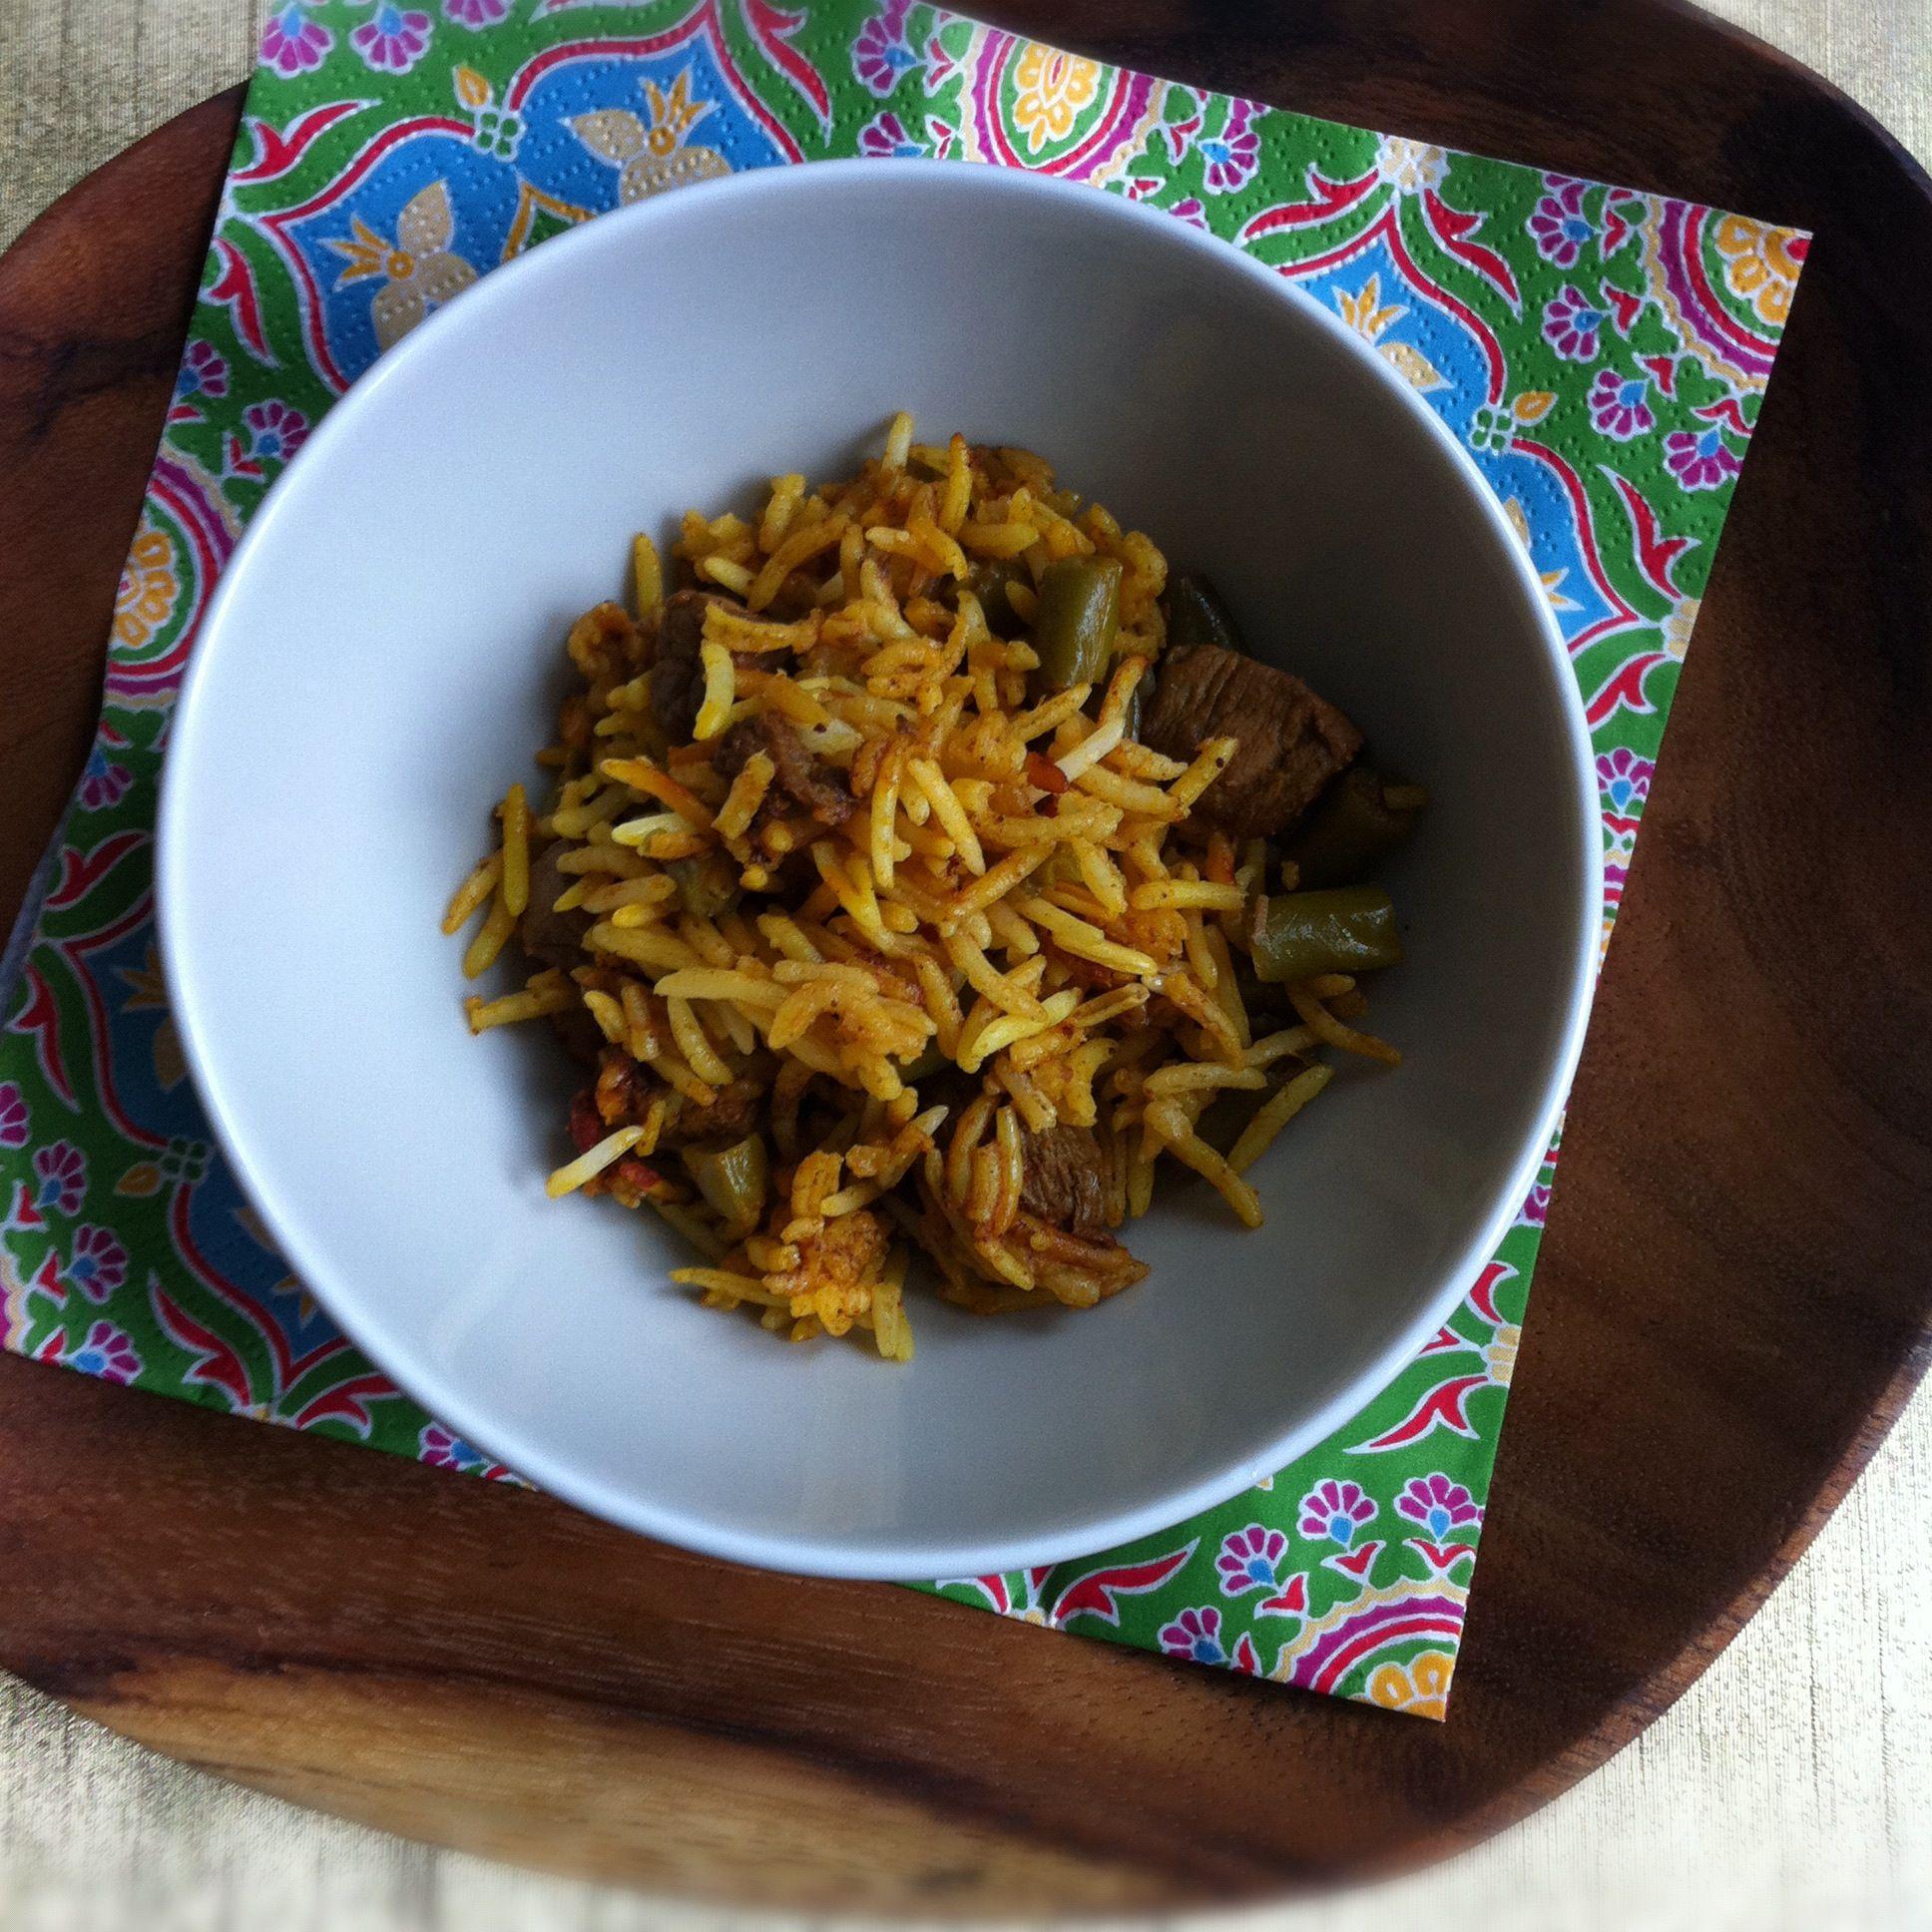 img_2979.jpg 1,936×1,936 pixels | Persian rice, Persian ... Persian Pomegranate Rice